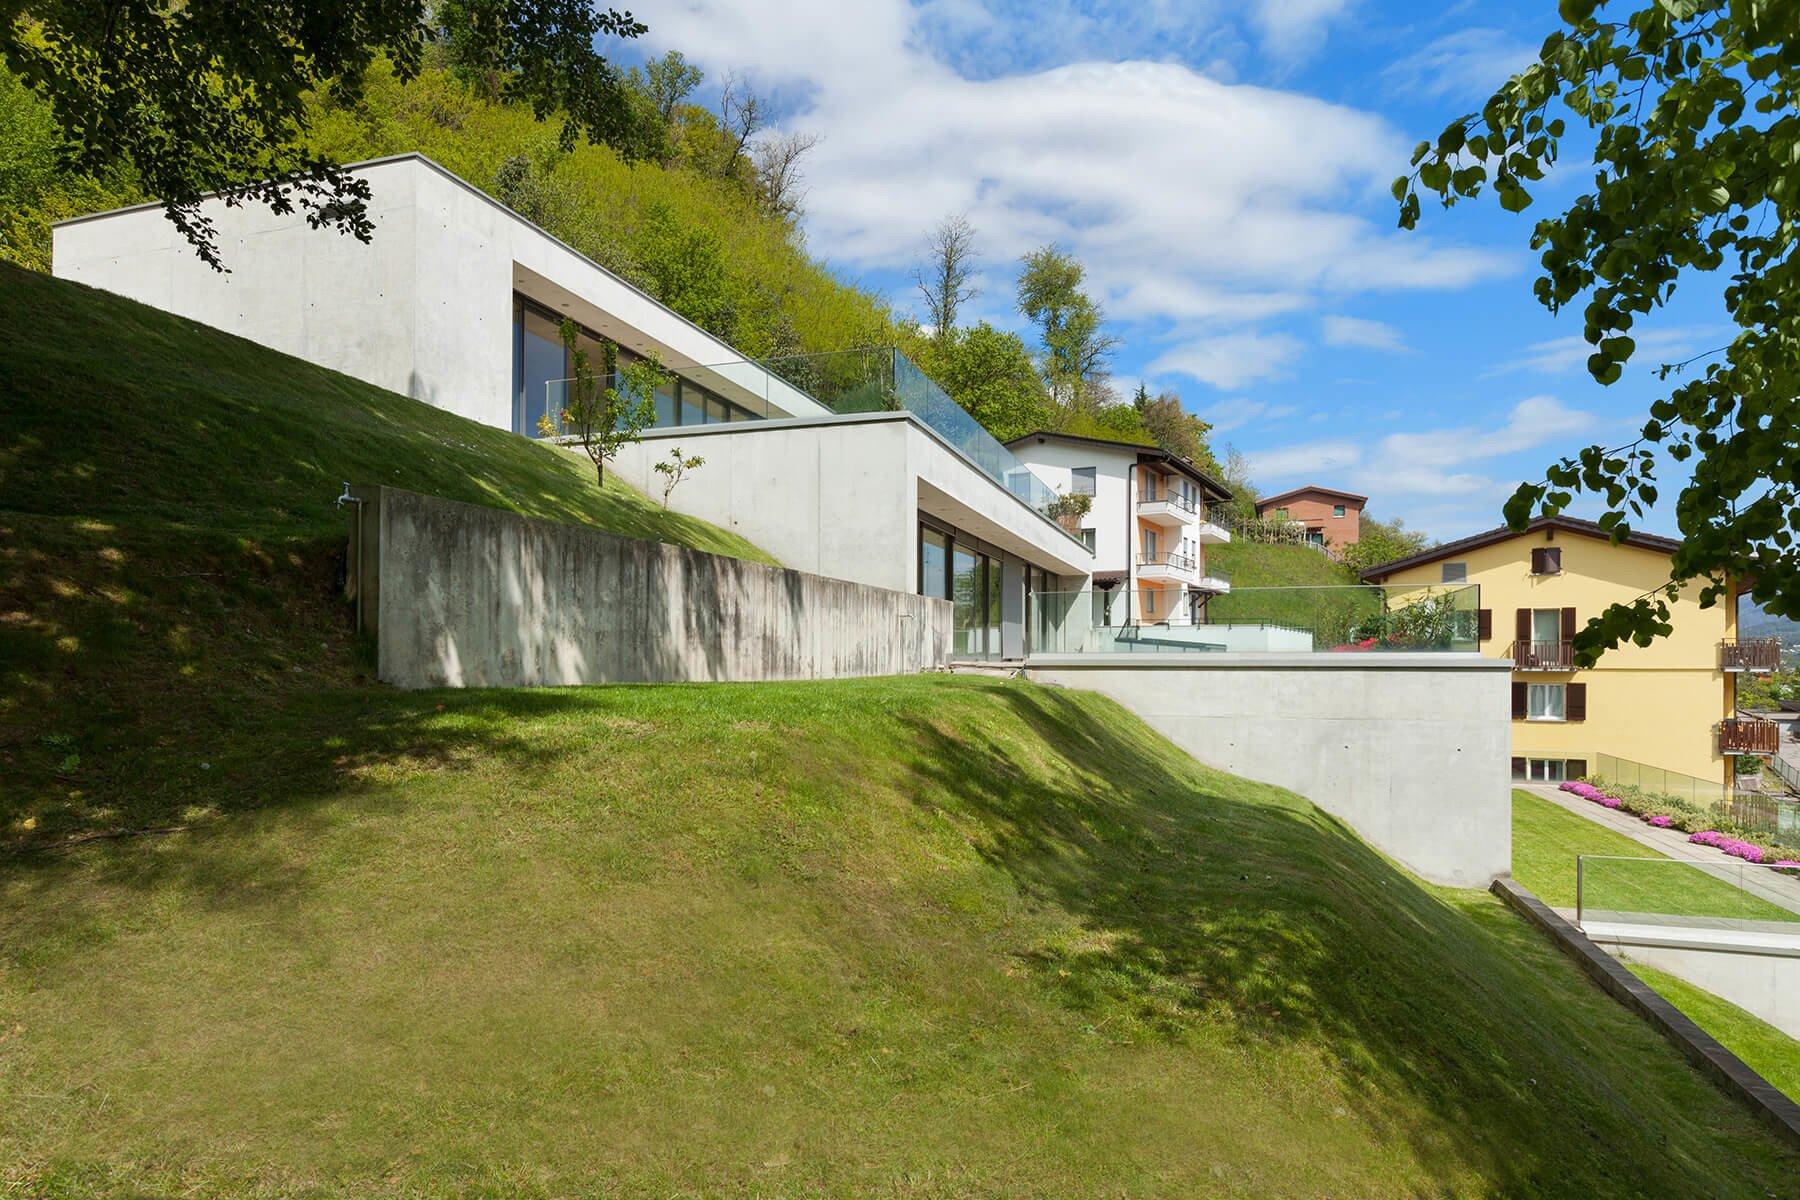 Glasgelaender CLIP ideal fuer Dachterrasse und Balkon  modern in der Optik und Aufmachung